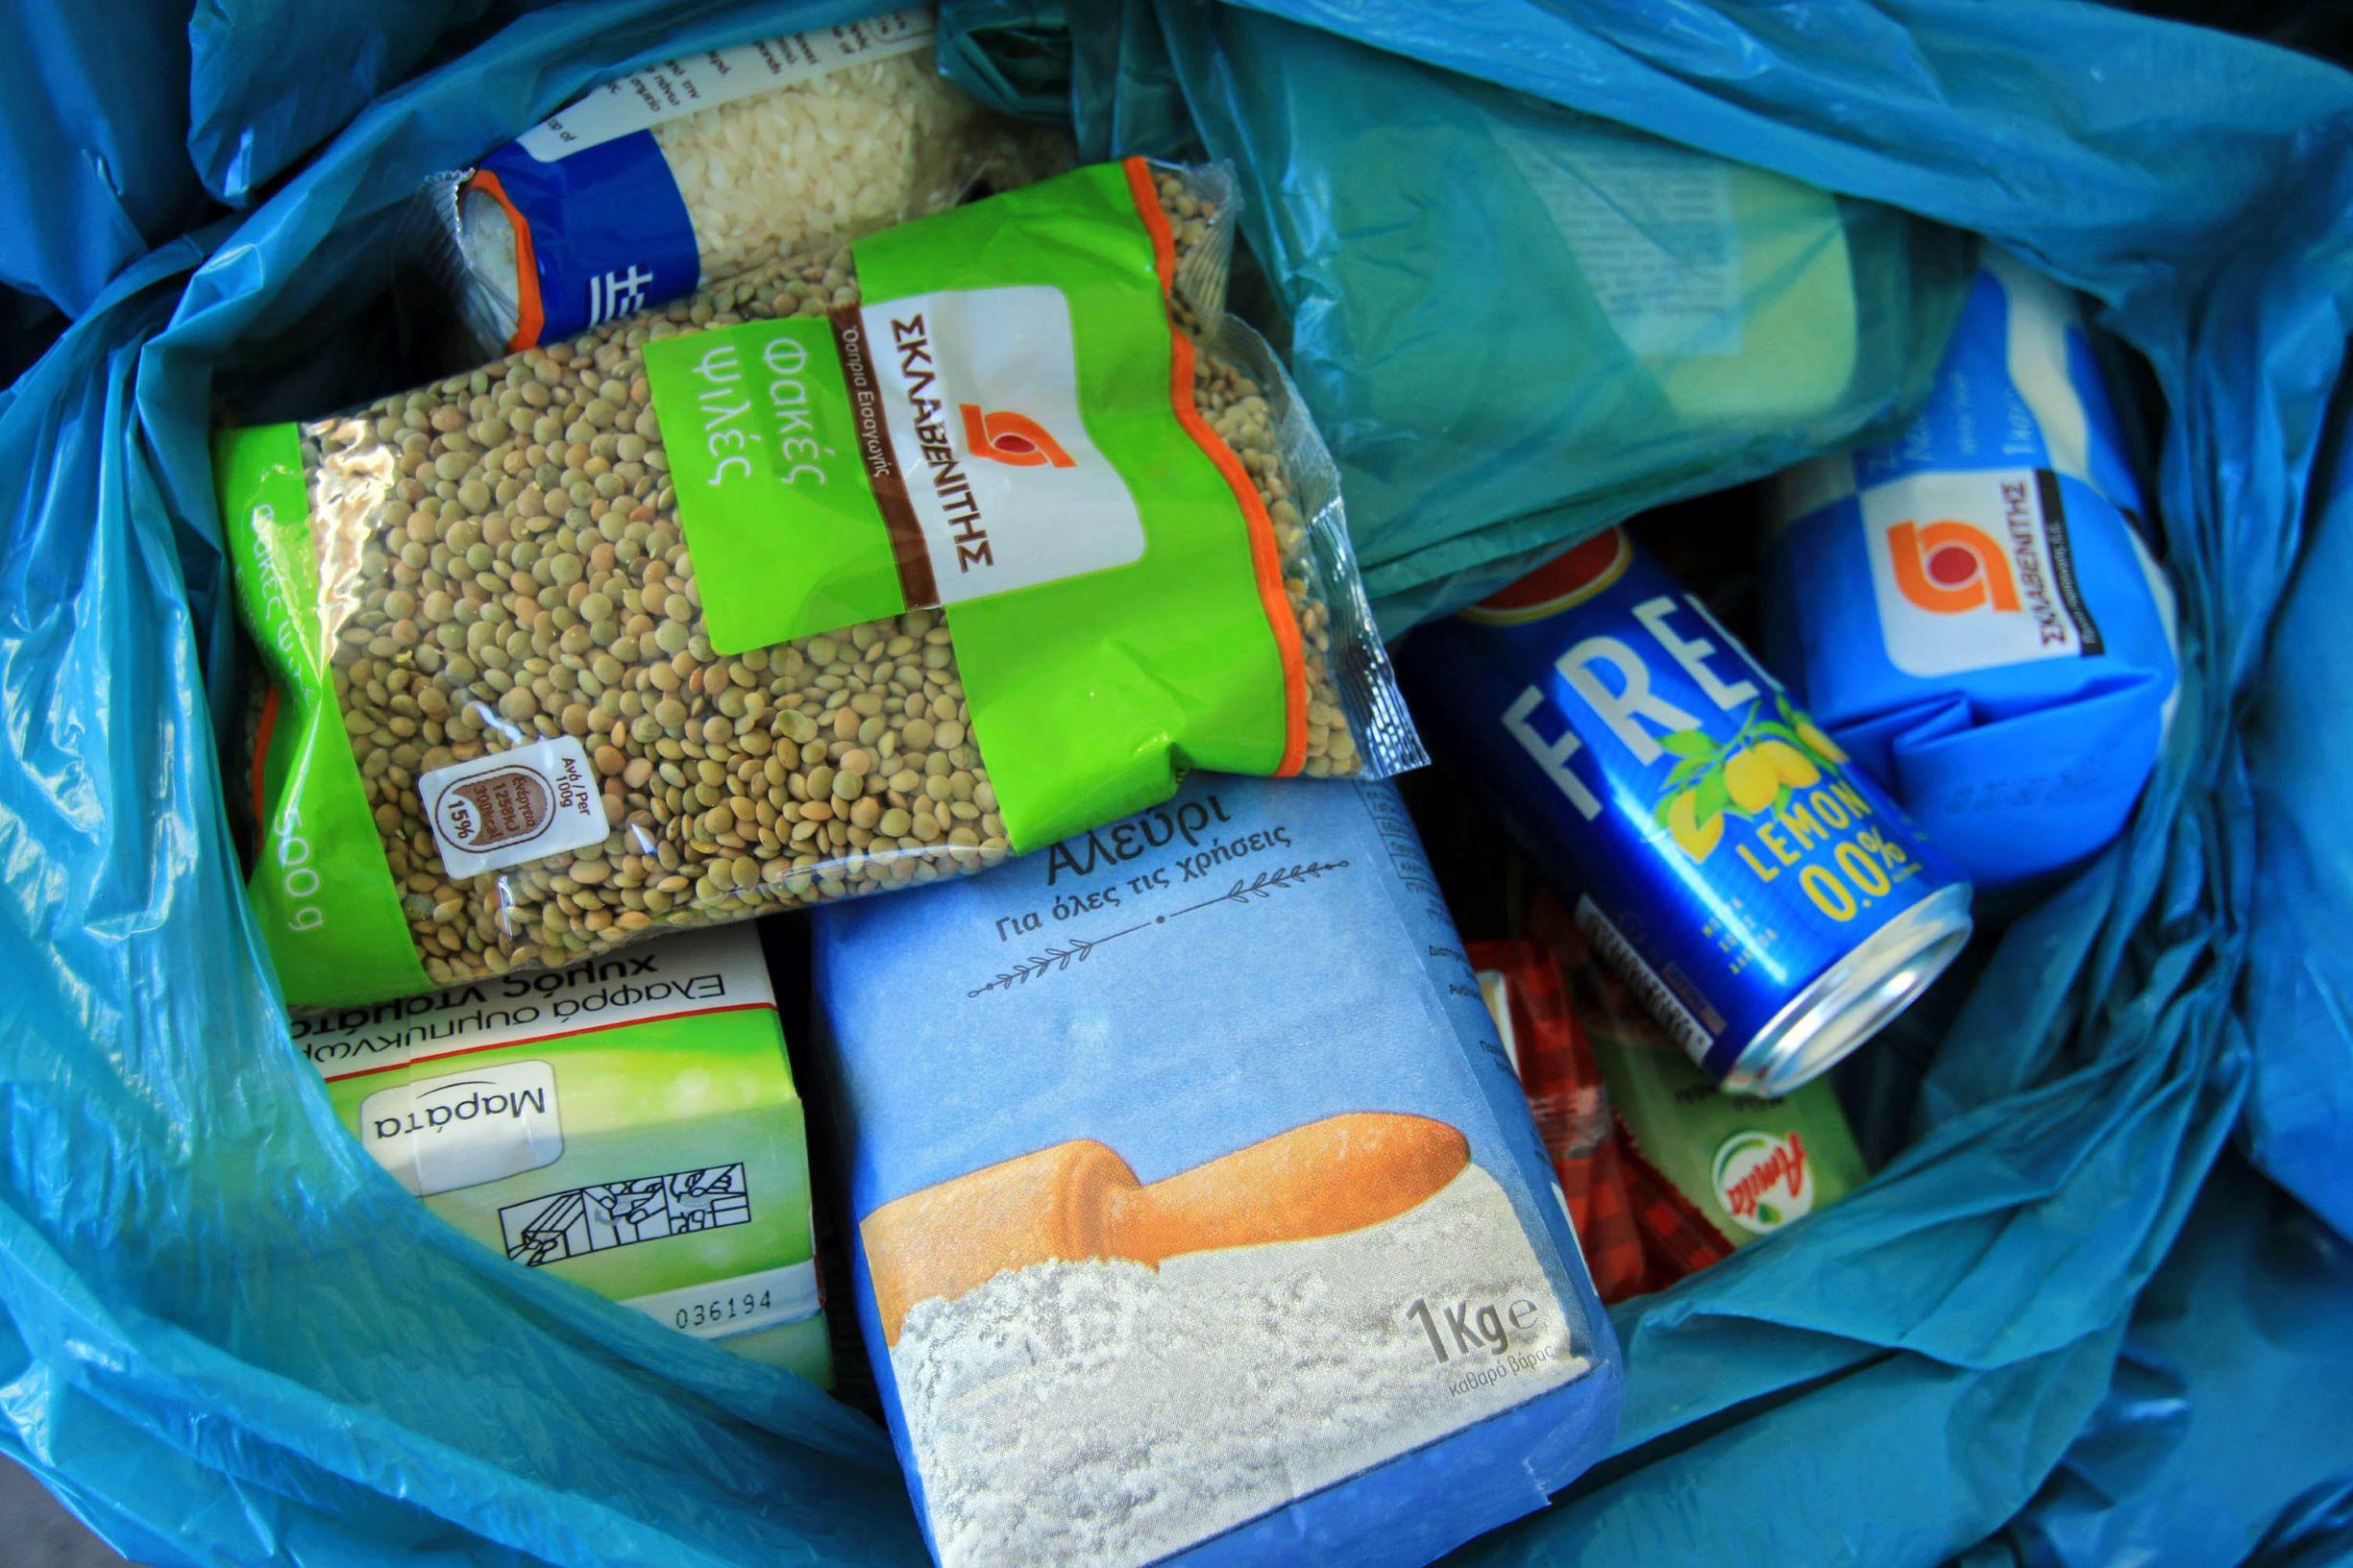 Ολοκληρώθηκε η διανομή αγαθών σε 1500 οικογένειες της περιοχής καραντίνας στη Νέα Σμύρνη από το δήμο Λαρισαίων (φωτο)